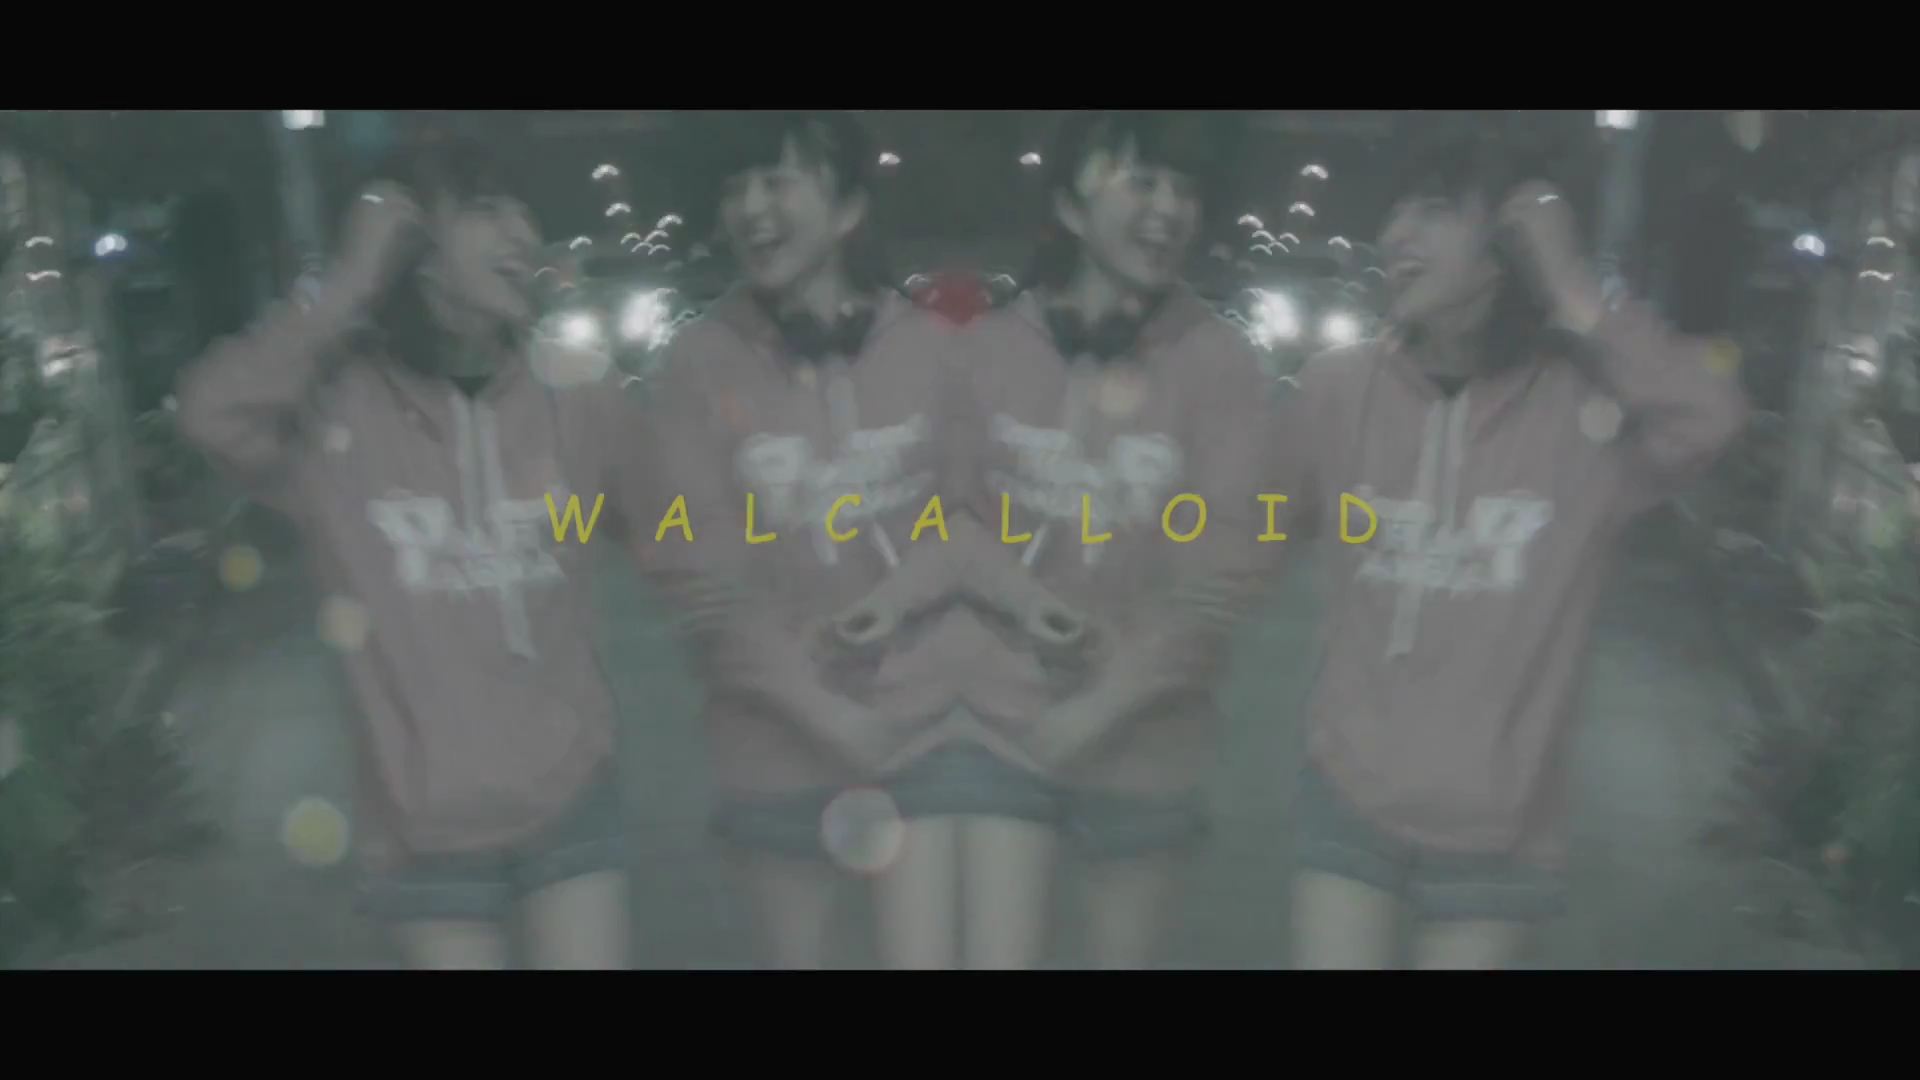 里咲りさ - WALCALLOID (Risa Satosaki - WALCALLOID).mp4_20160316_213312.812